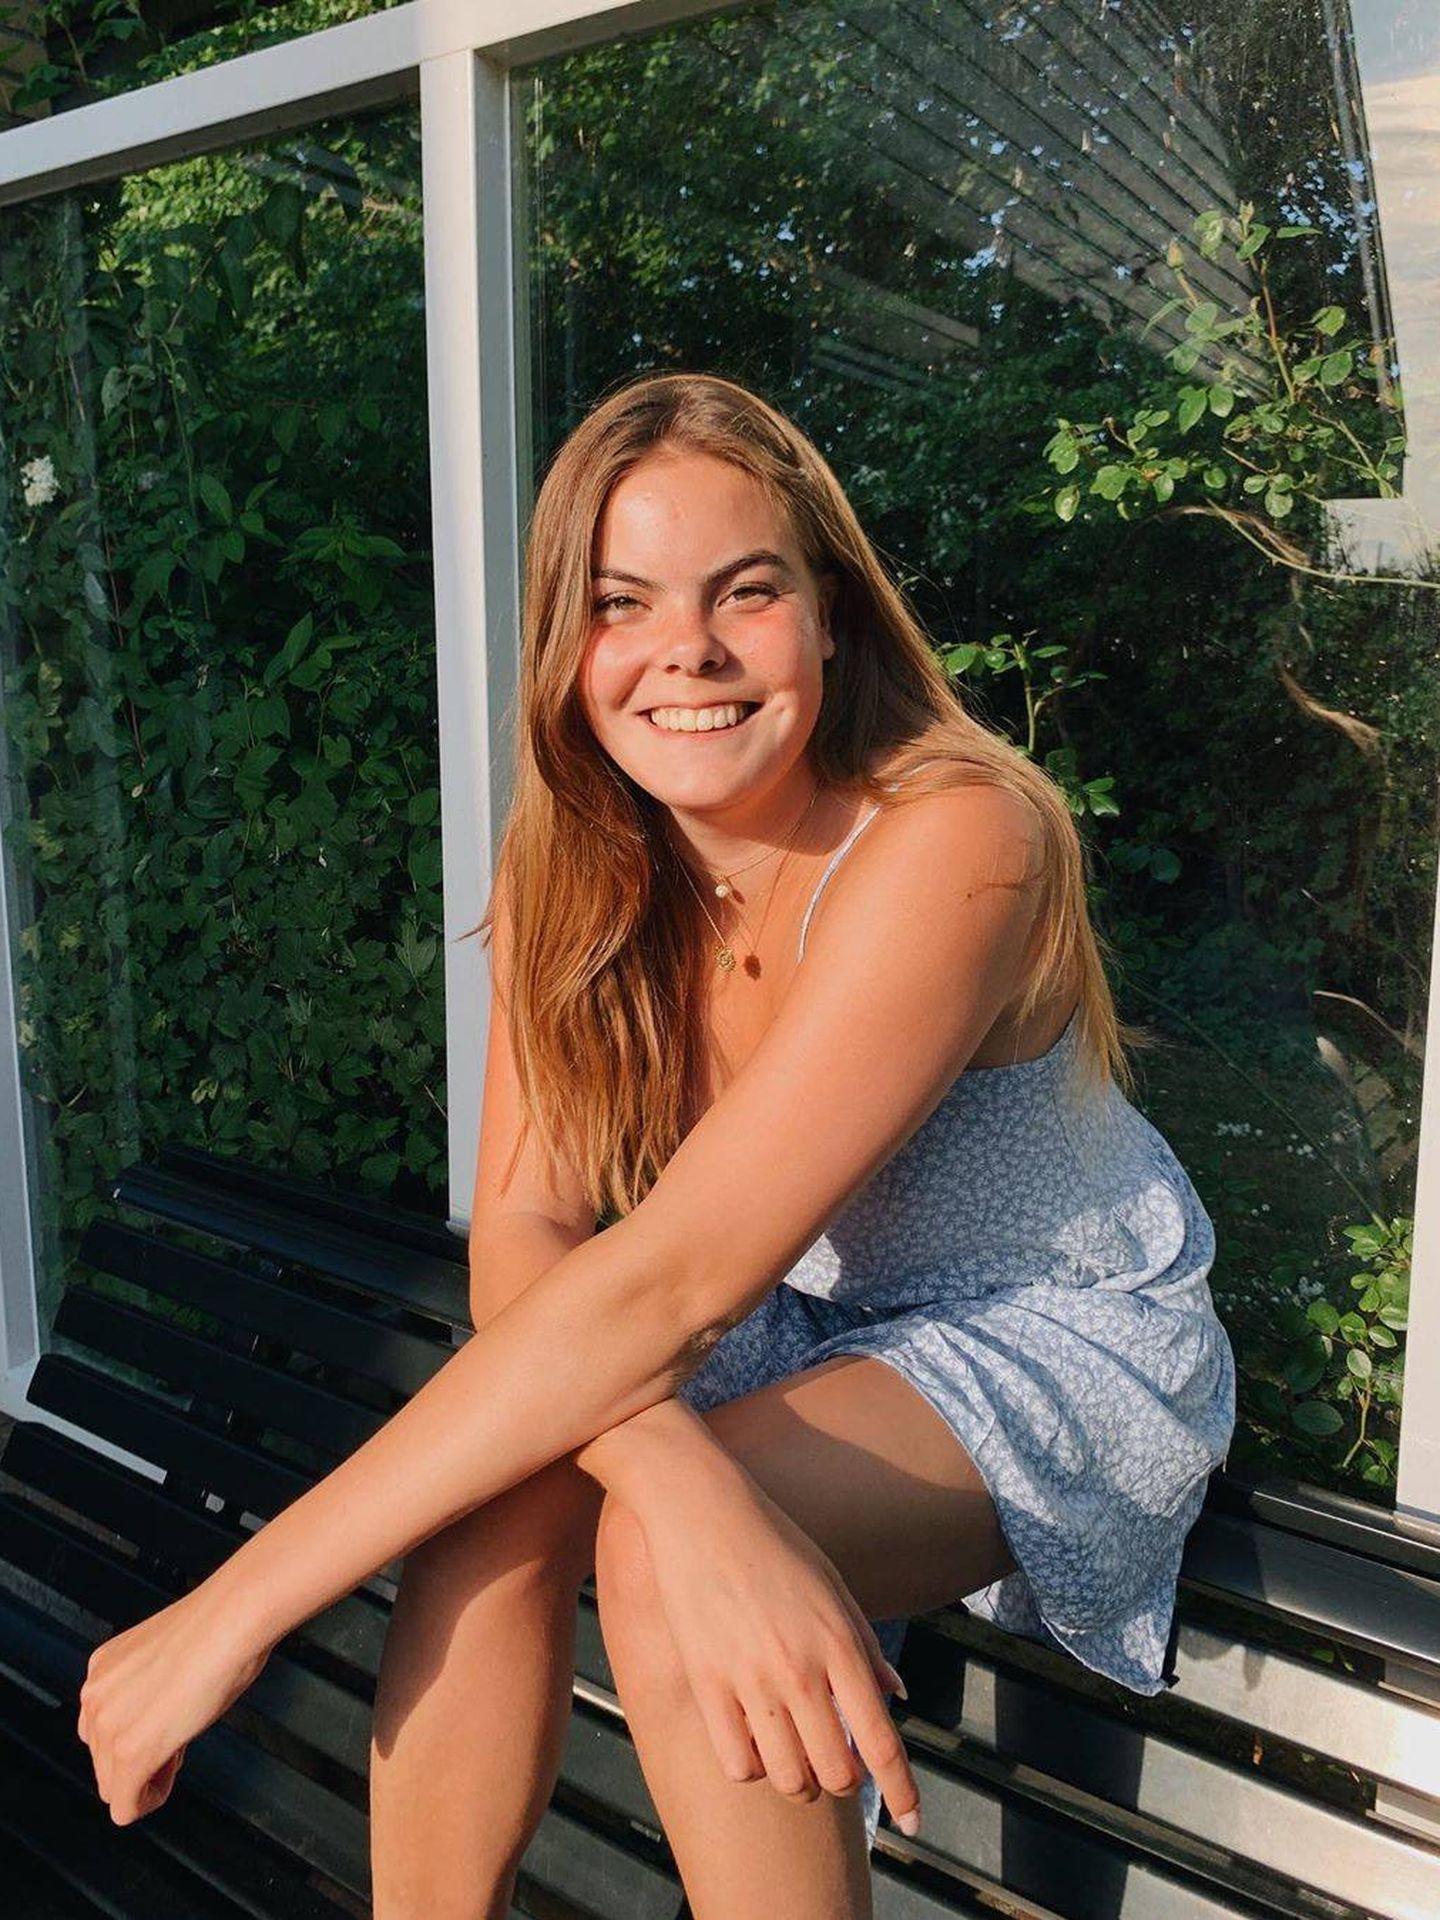 Eloise de Holanda, en una imagen de su Instagram. (@eloisevanoranje)